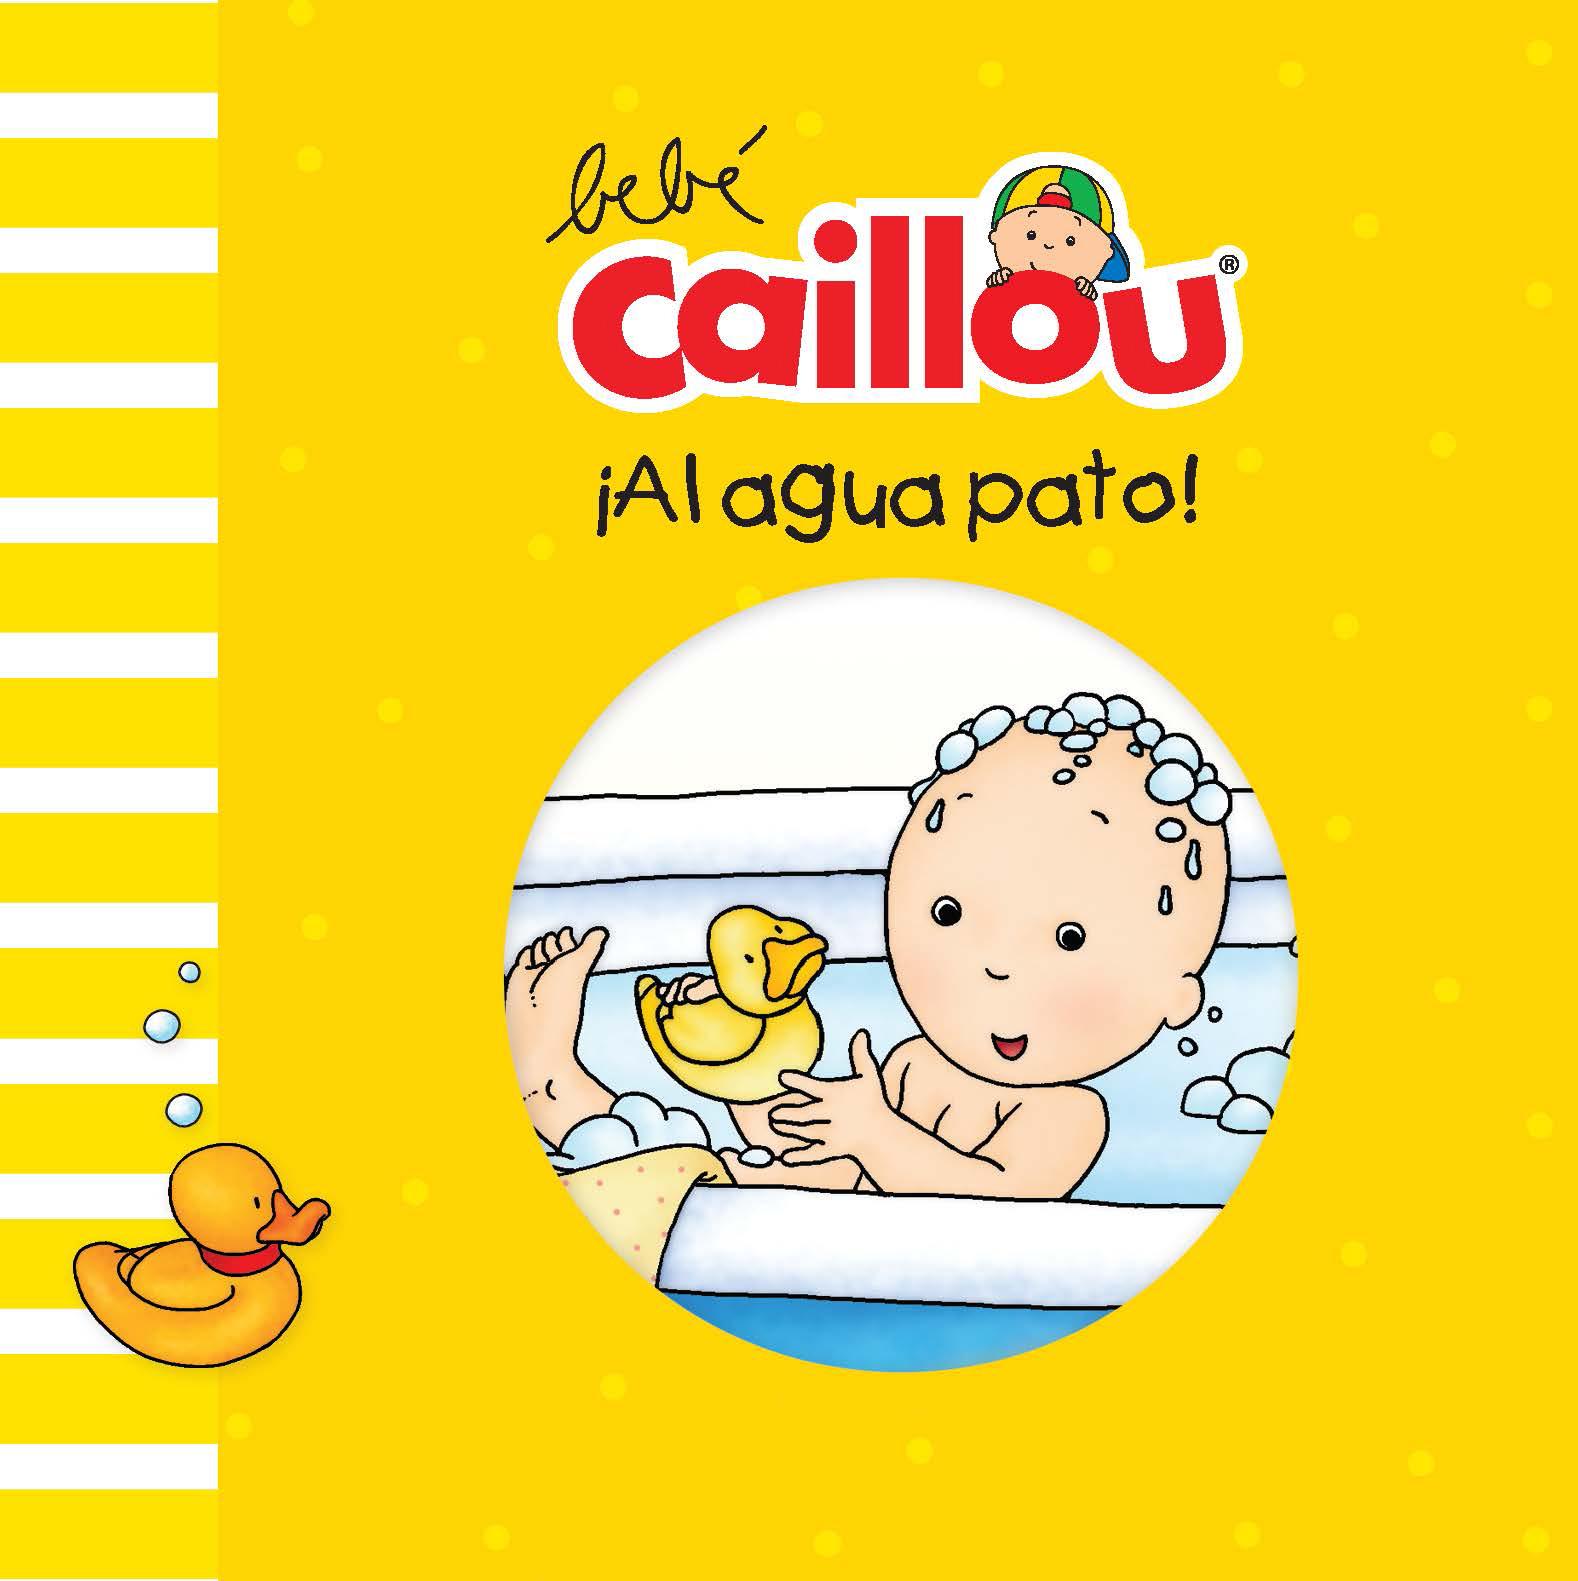 Bebé Caillou: ¡Al agua pato! - Morin Pascale